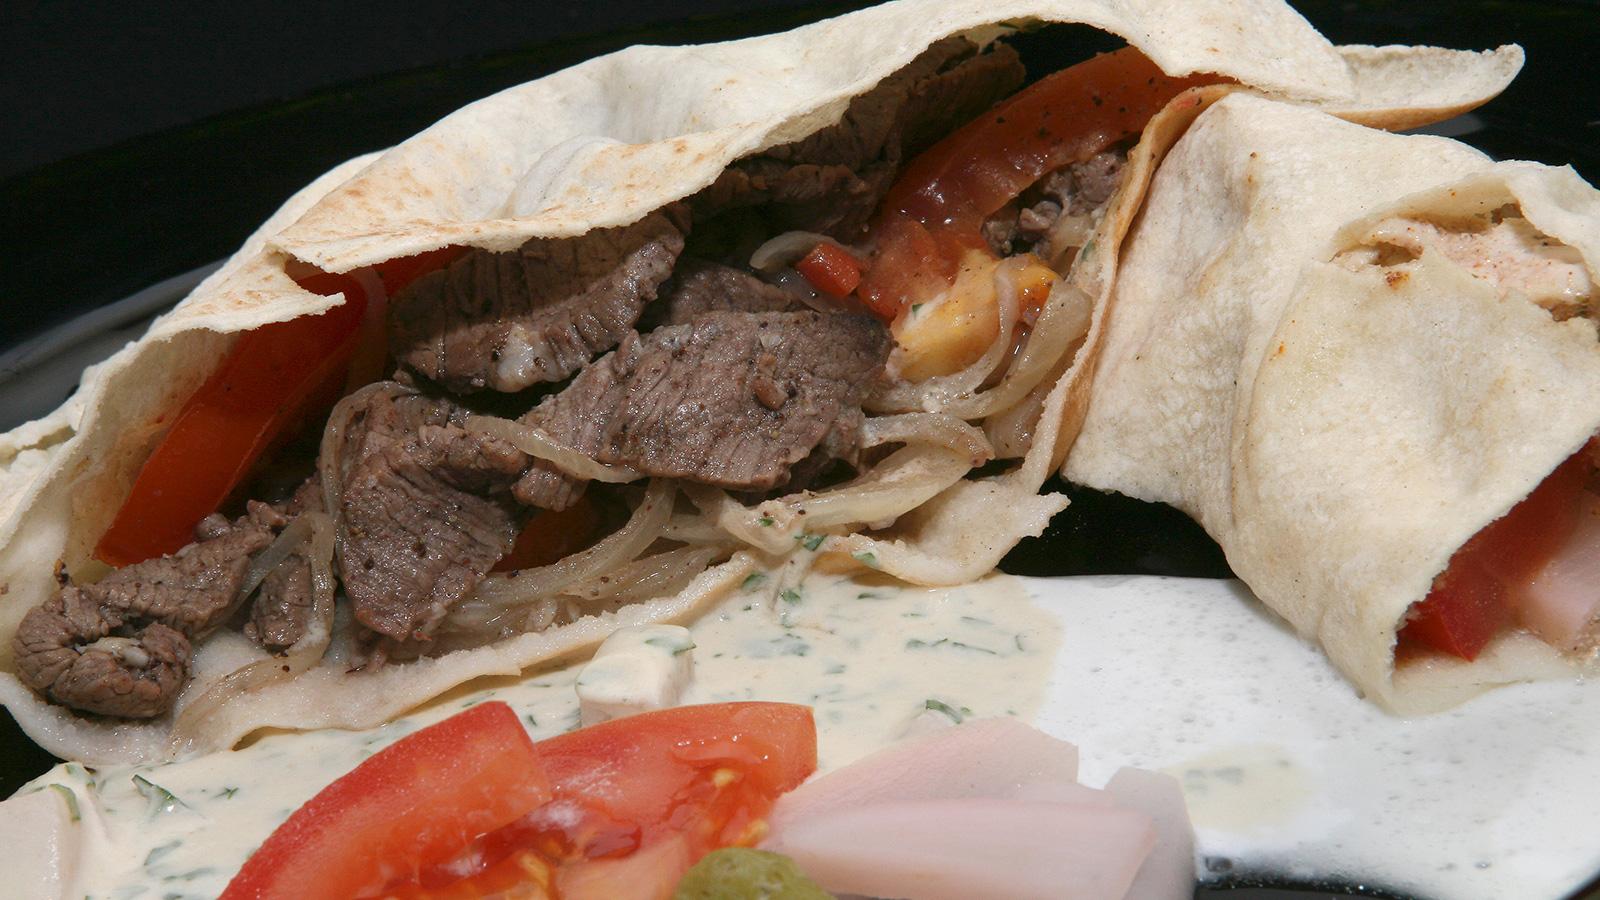 Programas De Cocina En España | Cocina Arabe Programas Canal Cocina